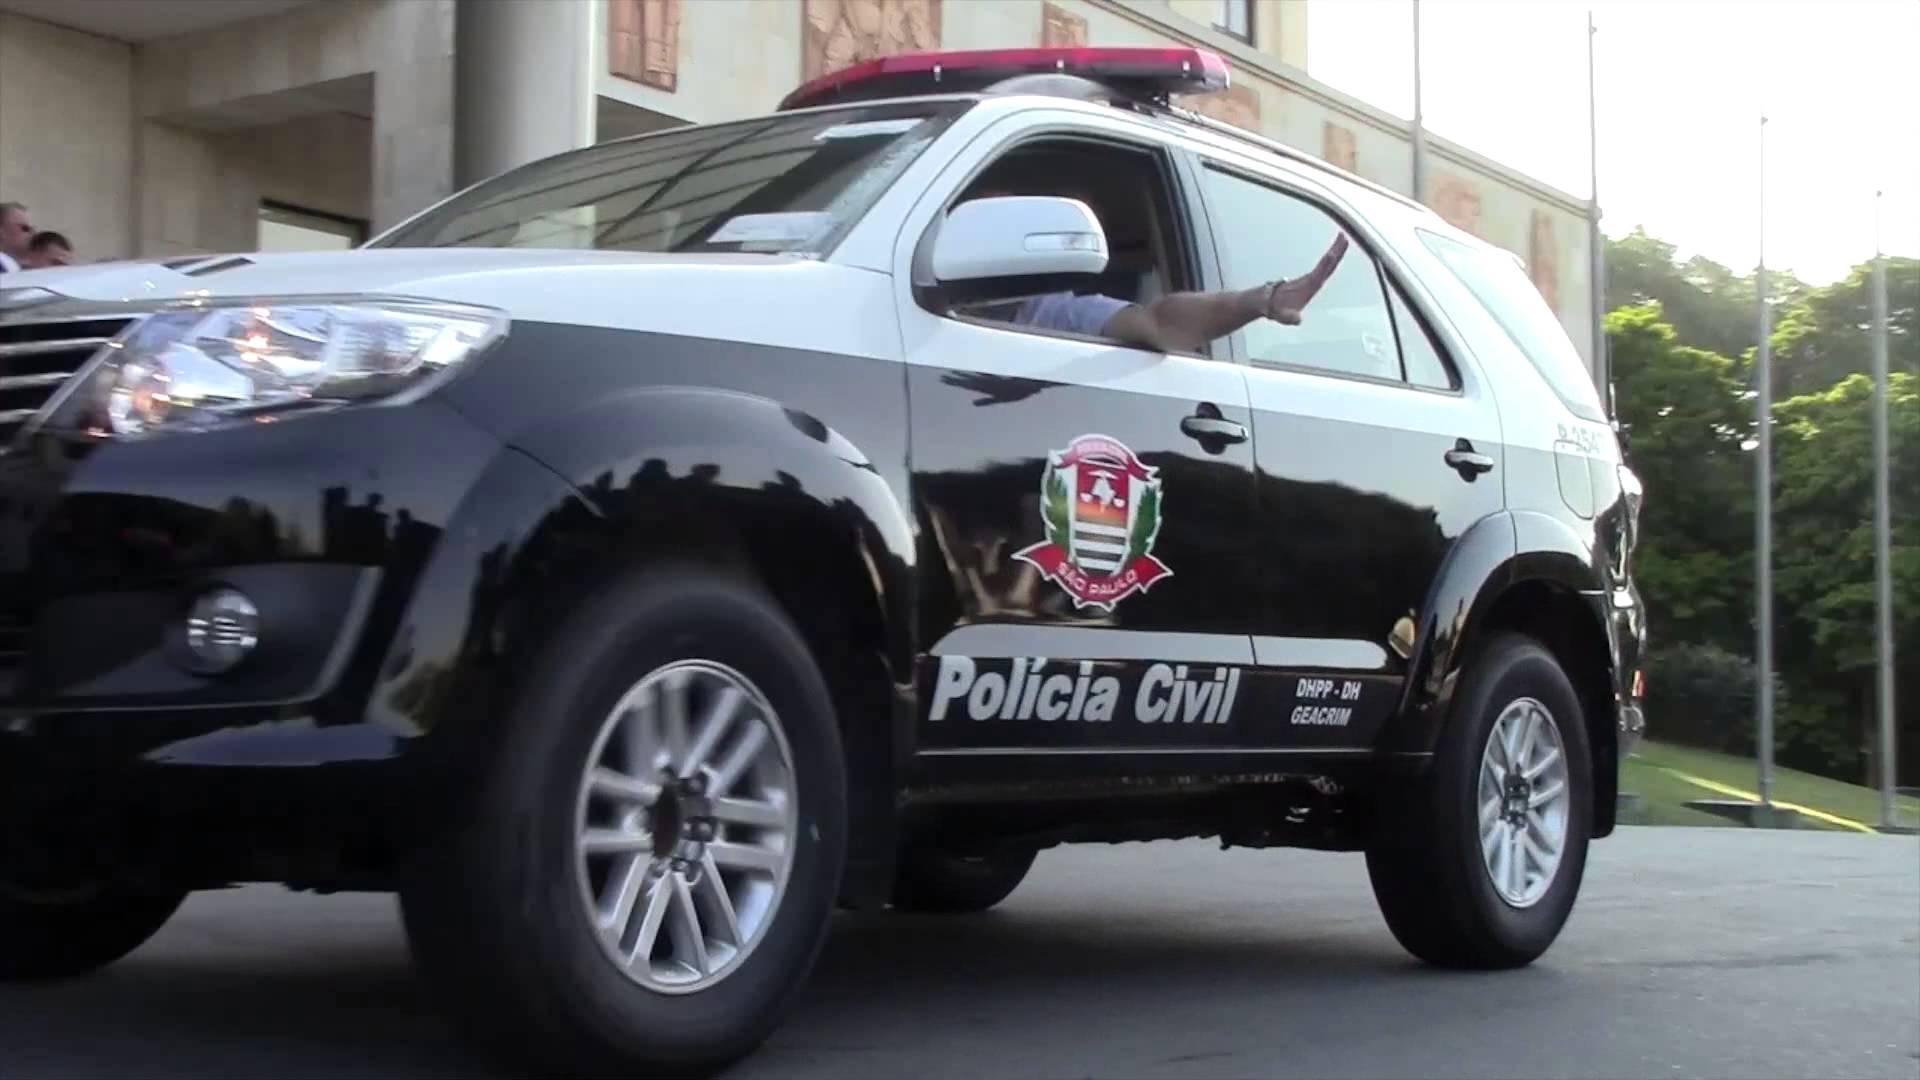 Concurso da Polícia Civil já está com inscrições abertas